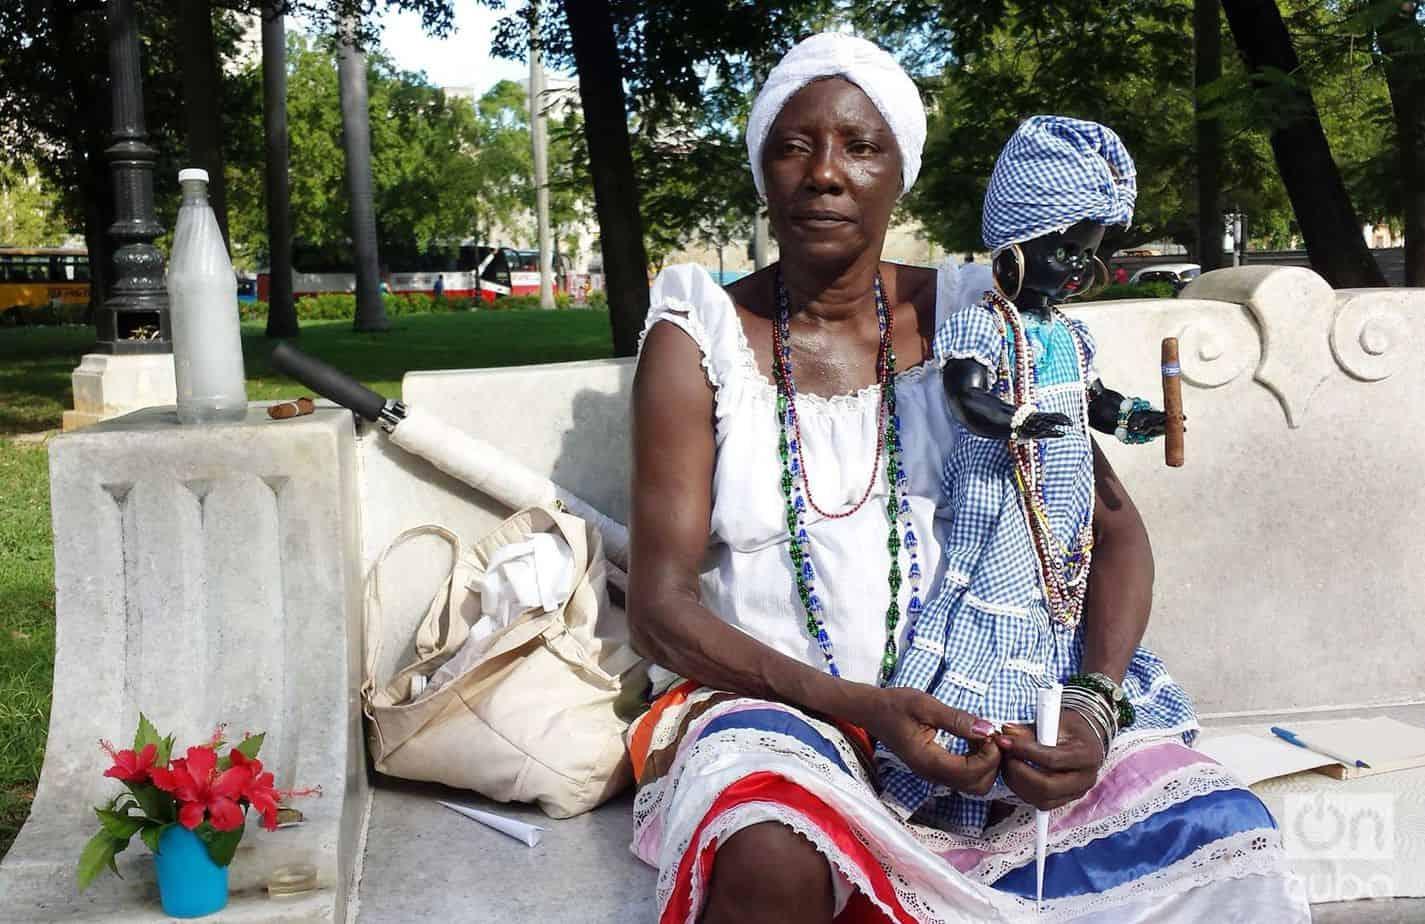 Olga, la cartomántica del Parque de la Fraternidad que sólo es feliz cuando ayuda a la gente